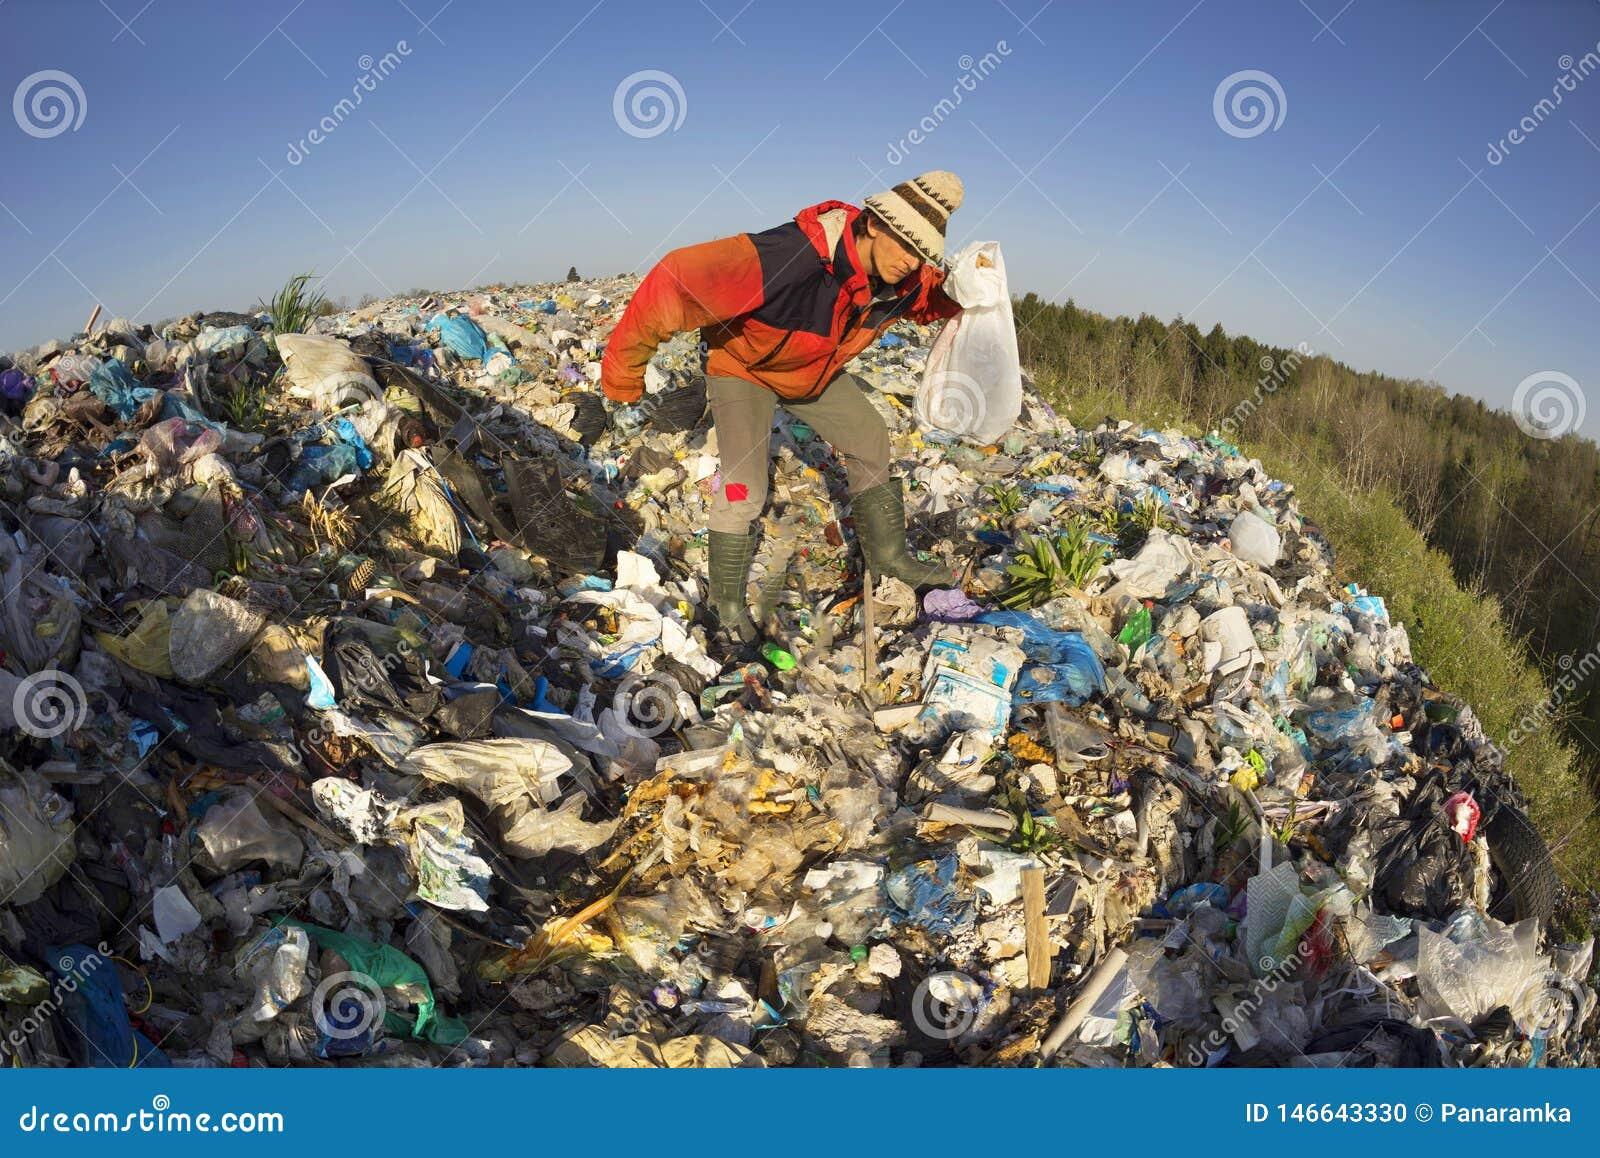 De mens met een zak neemt afval op